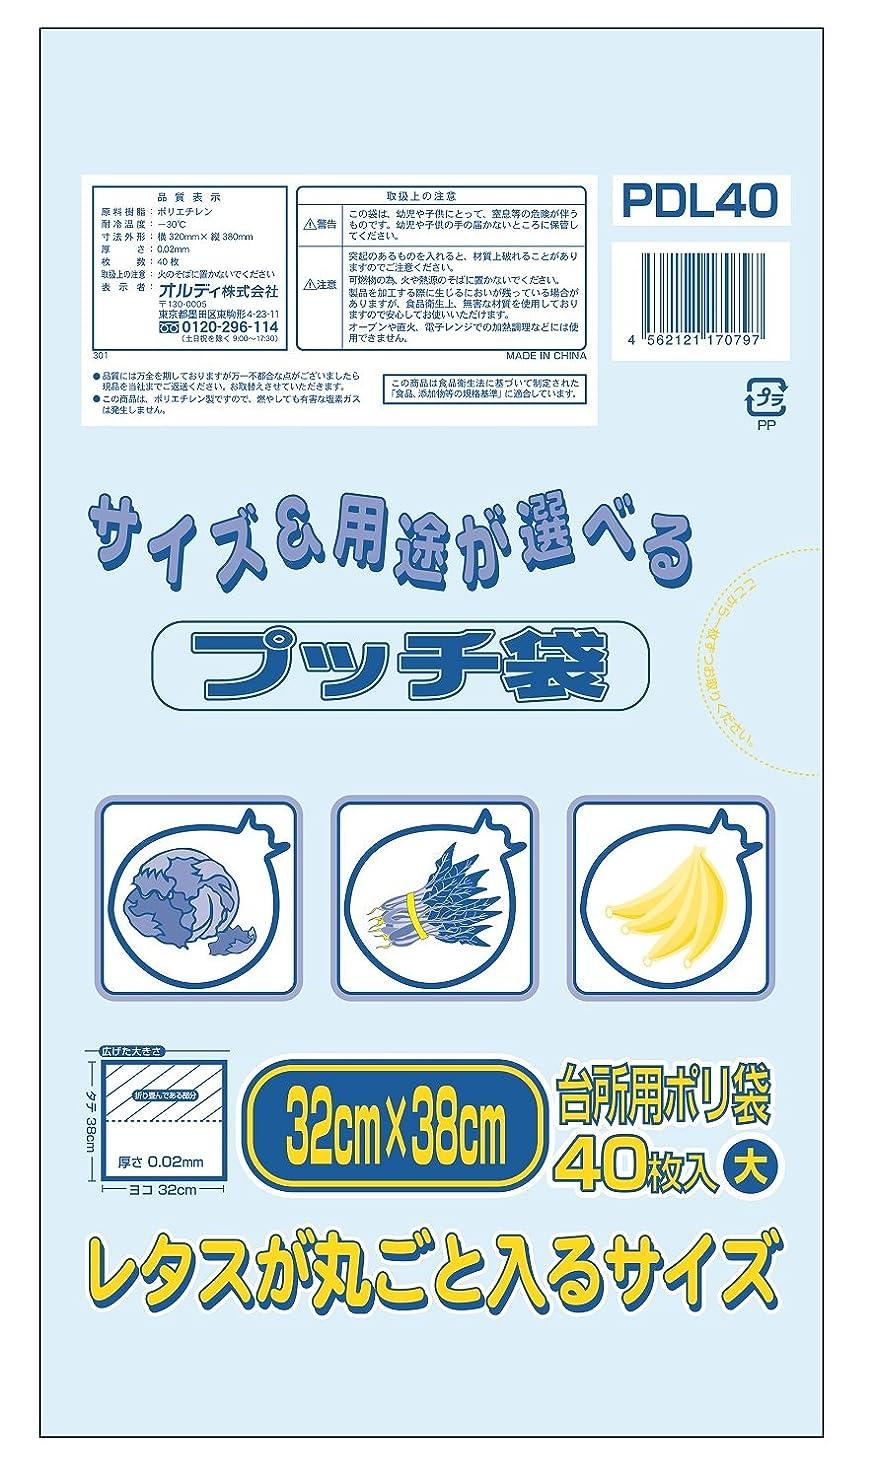 ピンポイント後世伝統的オルディ キッチン ポリ袋 透明 横32×縦38cm 厚み0.02mm 大 プッチ袋 食品保存 PDL40 40枚入